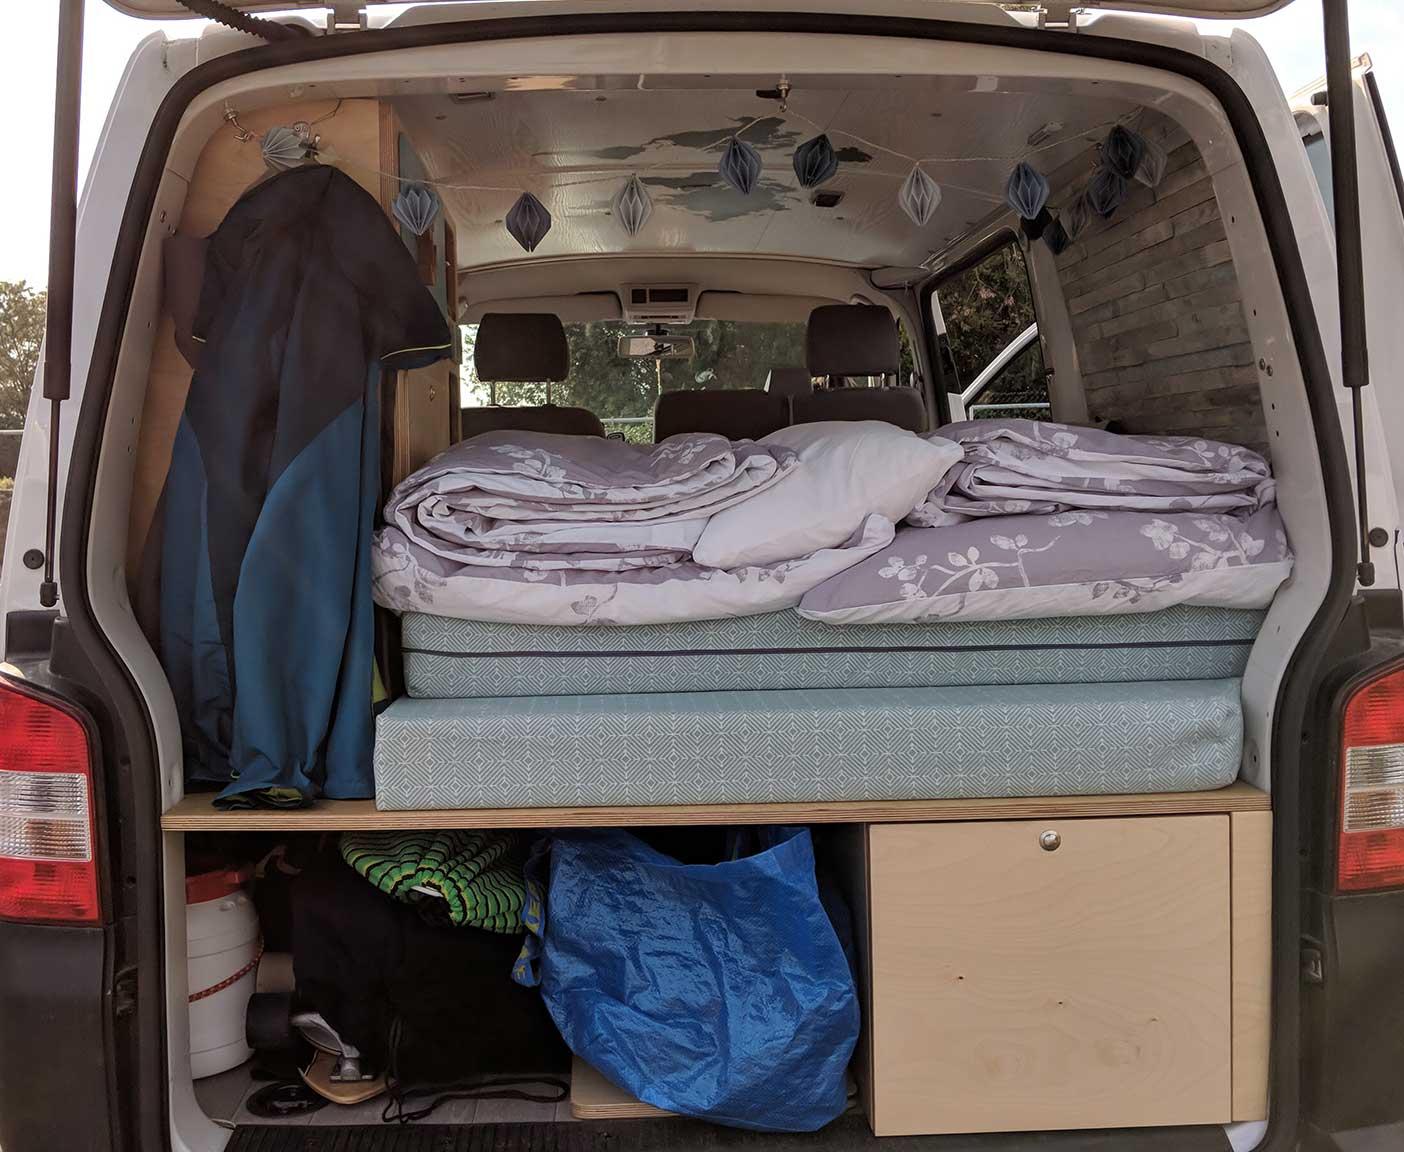 VW-T5-multivan-camper-caravelle-europatrip-van-kleinanzeigen